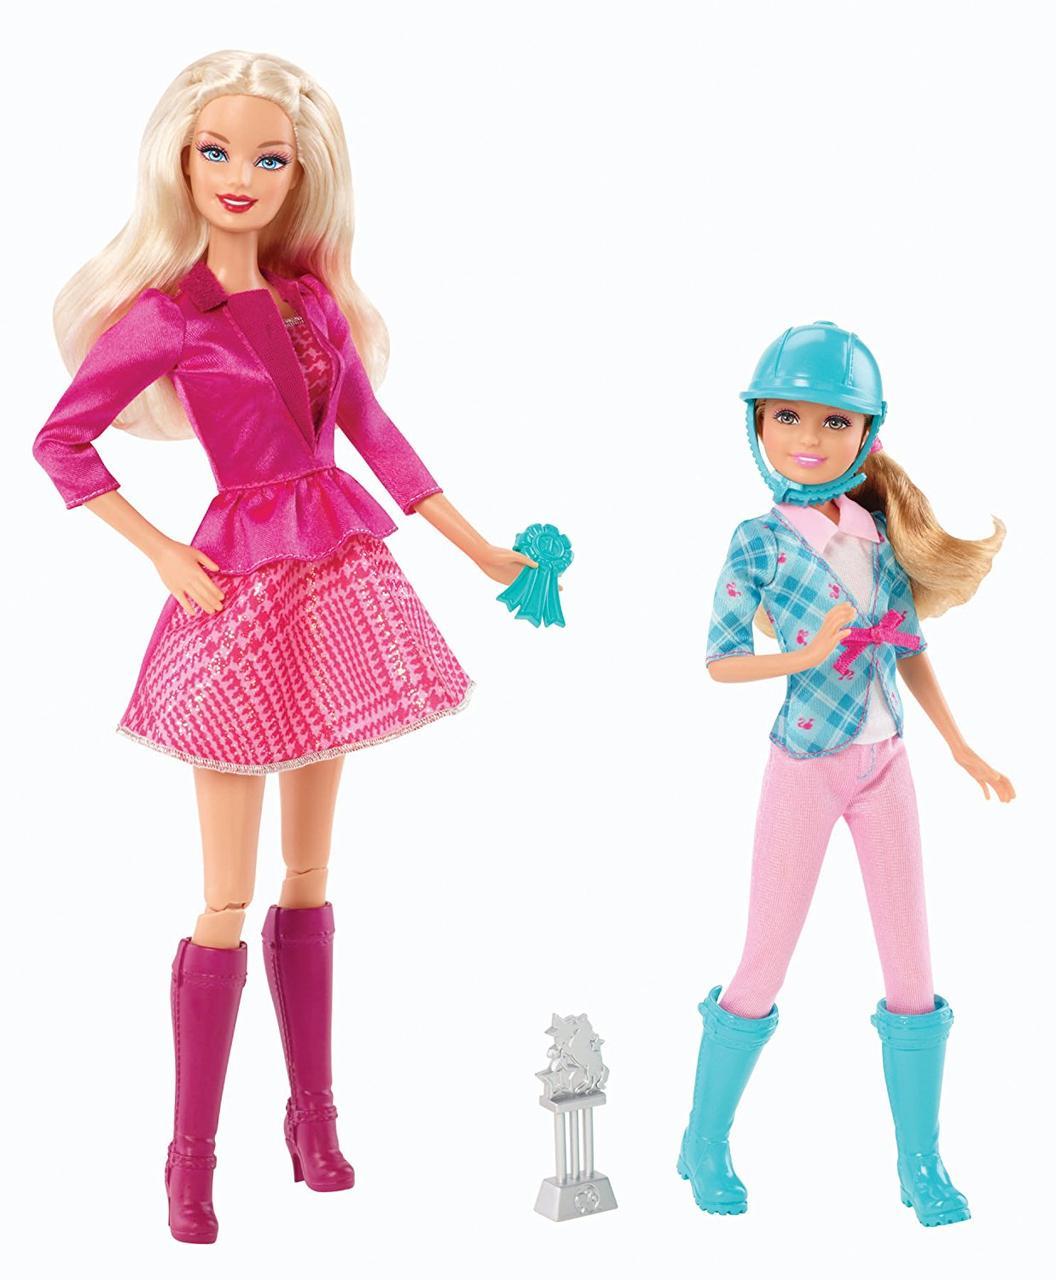 """Игровой набор Барби и Стейси Соревнование на коня серии """"Барби и ее сестры""""/Barbie and Stacie in a Pony Tale"""